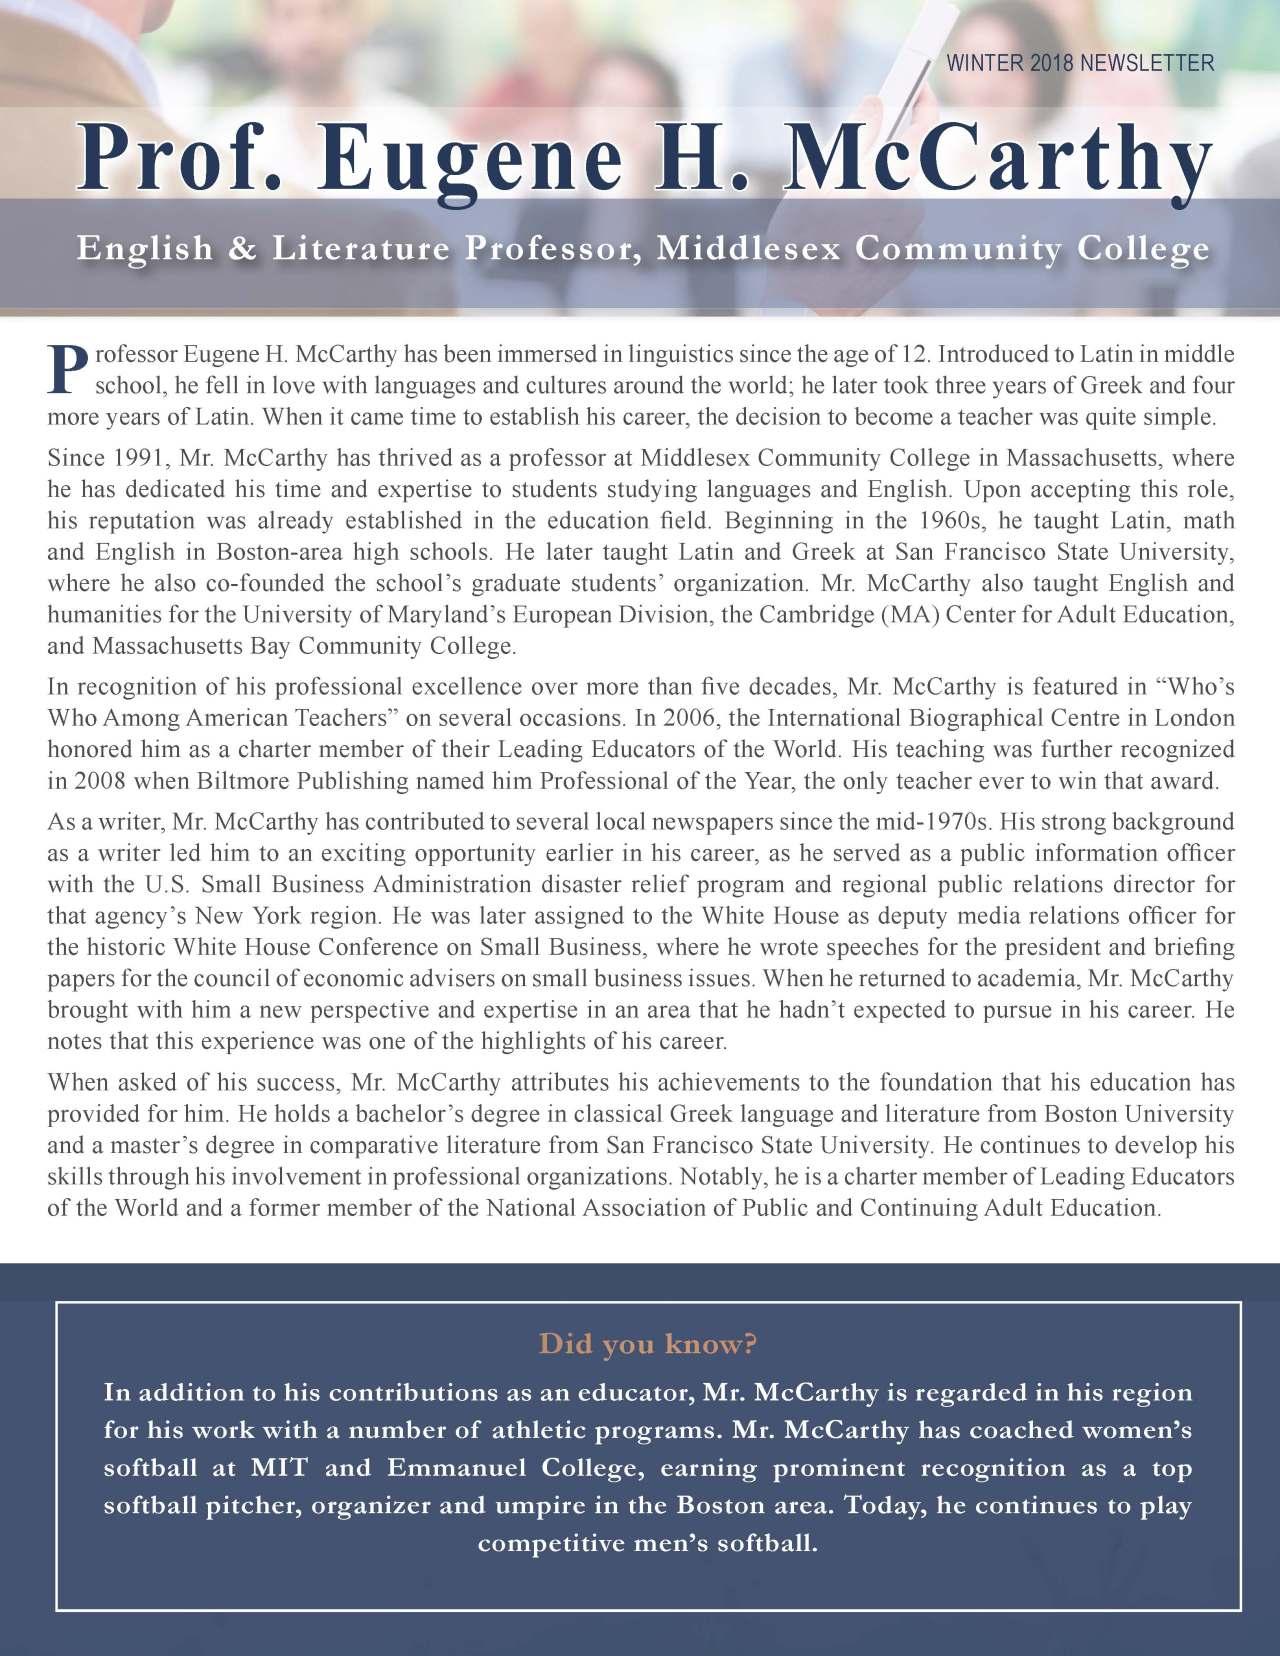 McCarthy, Eugene 3697985_4003697985 Newsletter.jpg